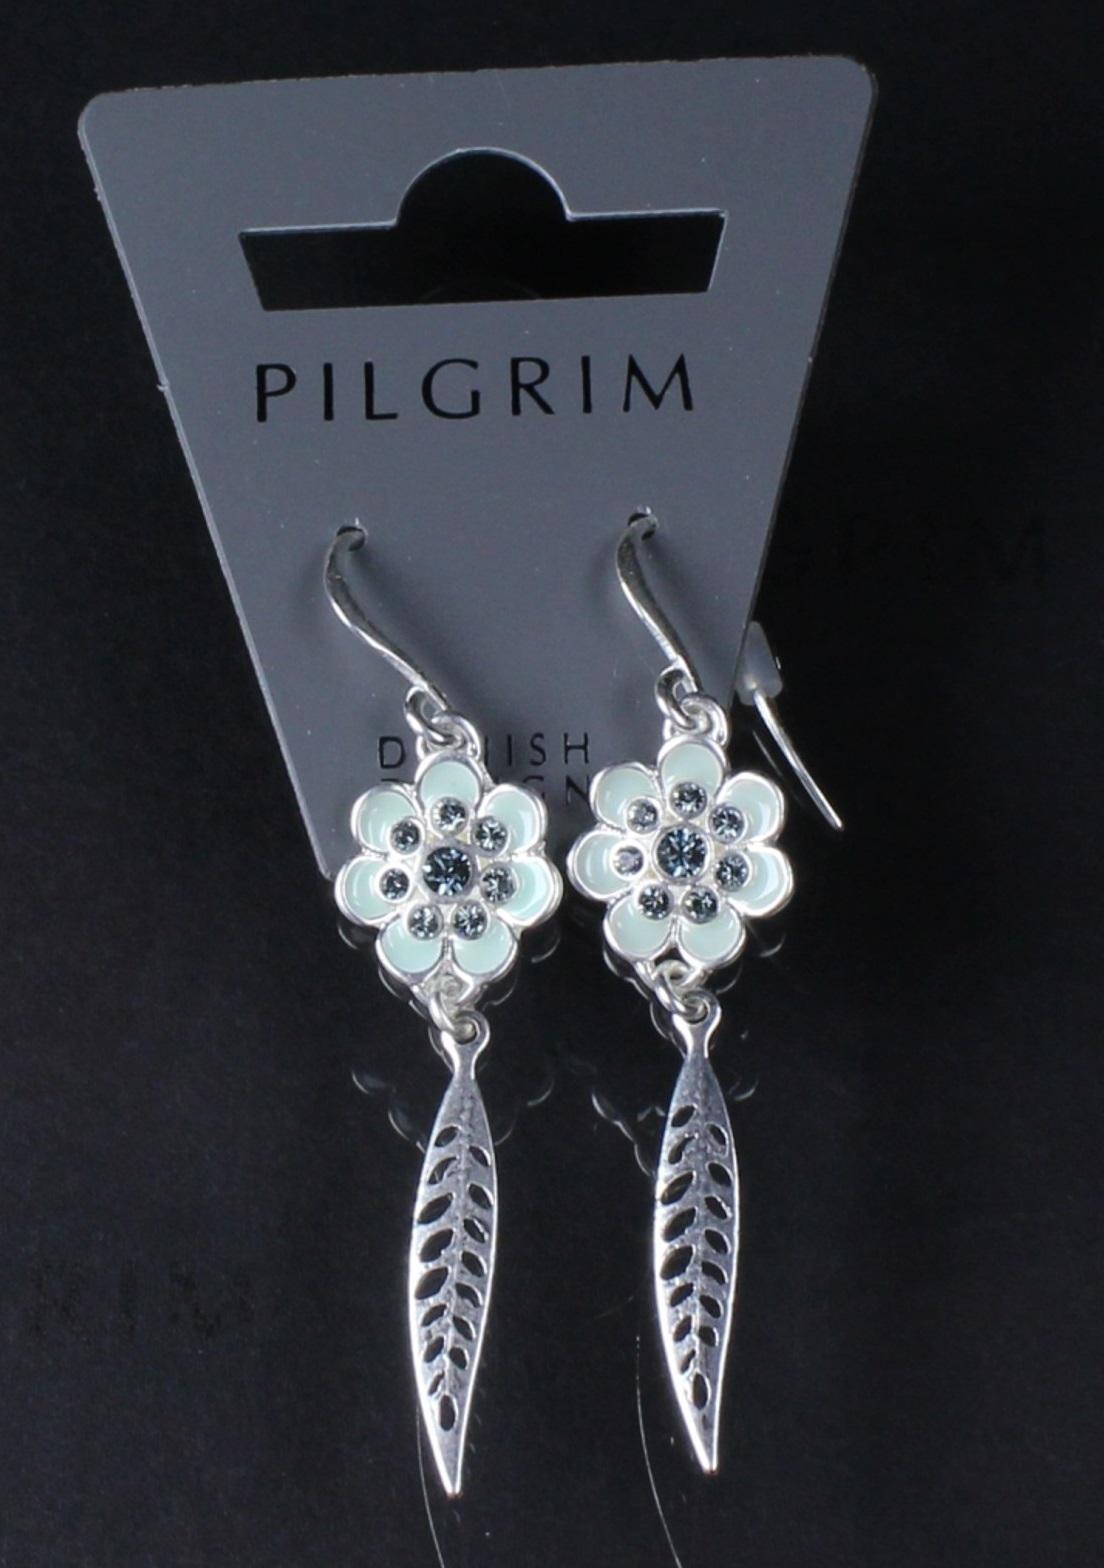 PILGRIM - Bohemian - Flower & Leaf Drop Earrings - Blue/Silver Plate BNWT